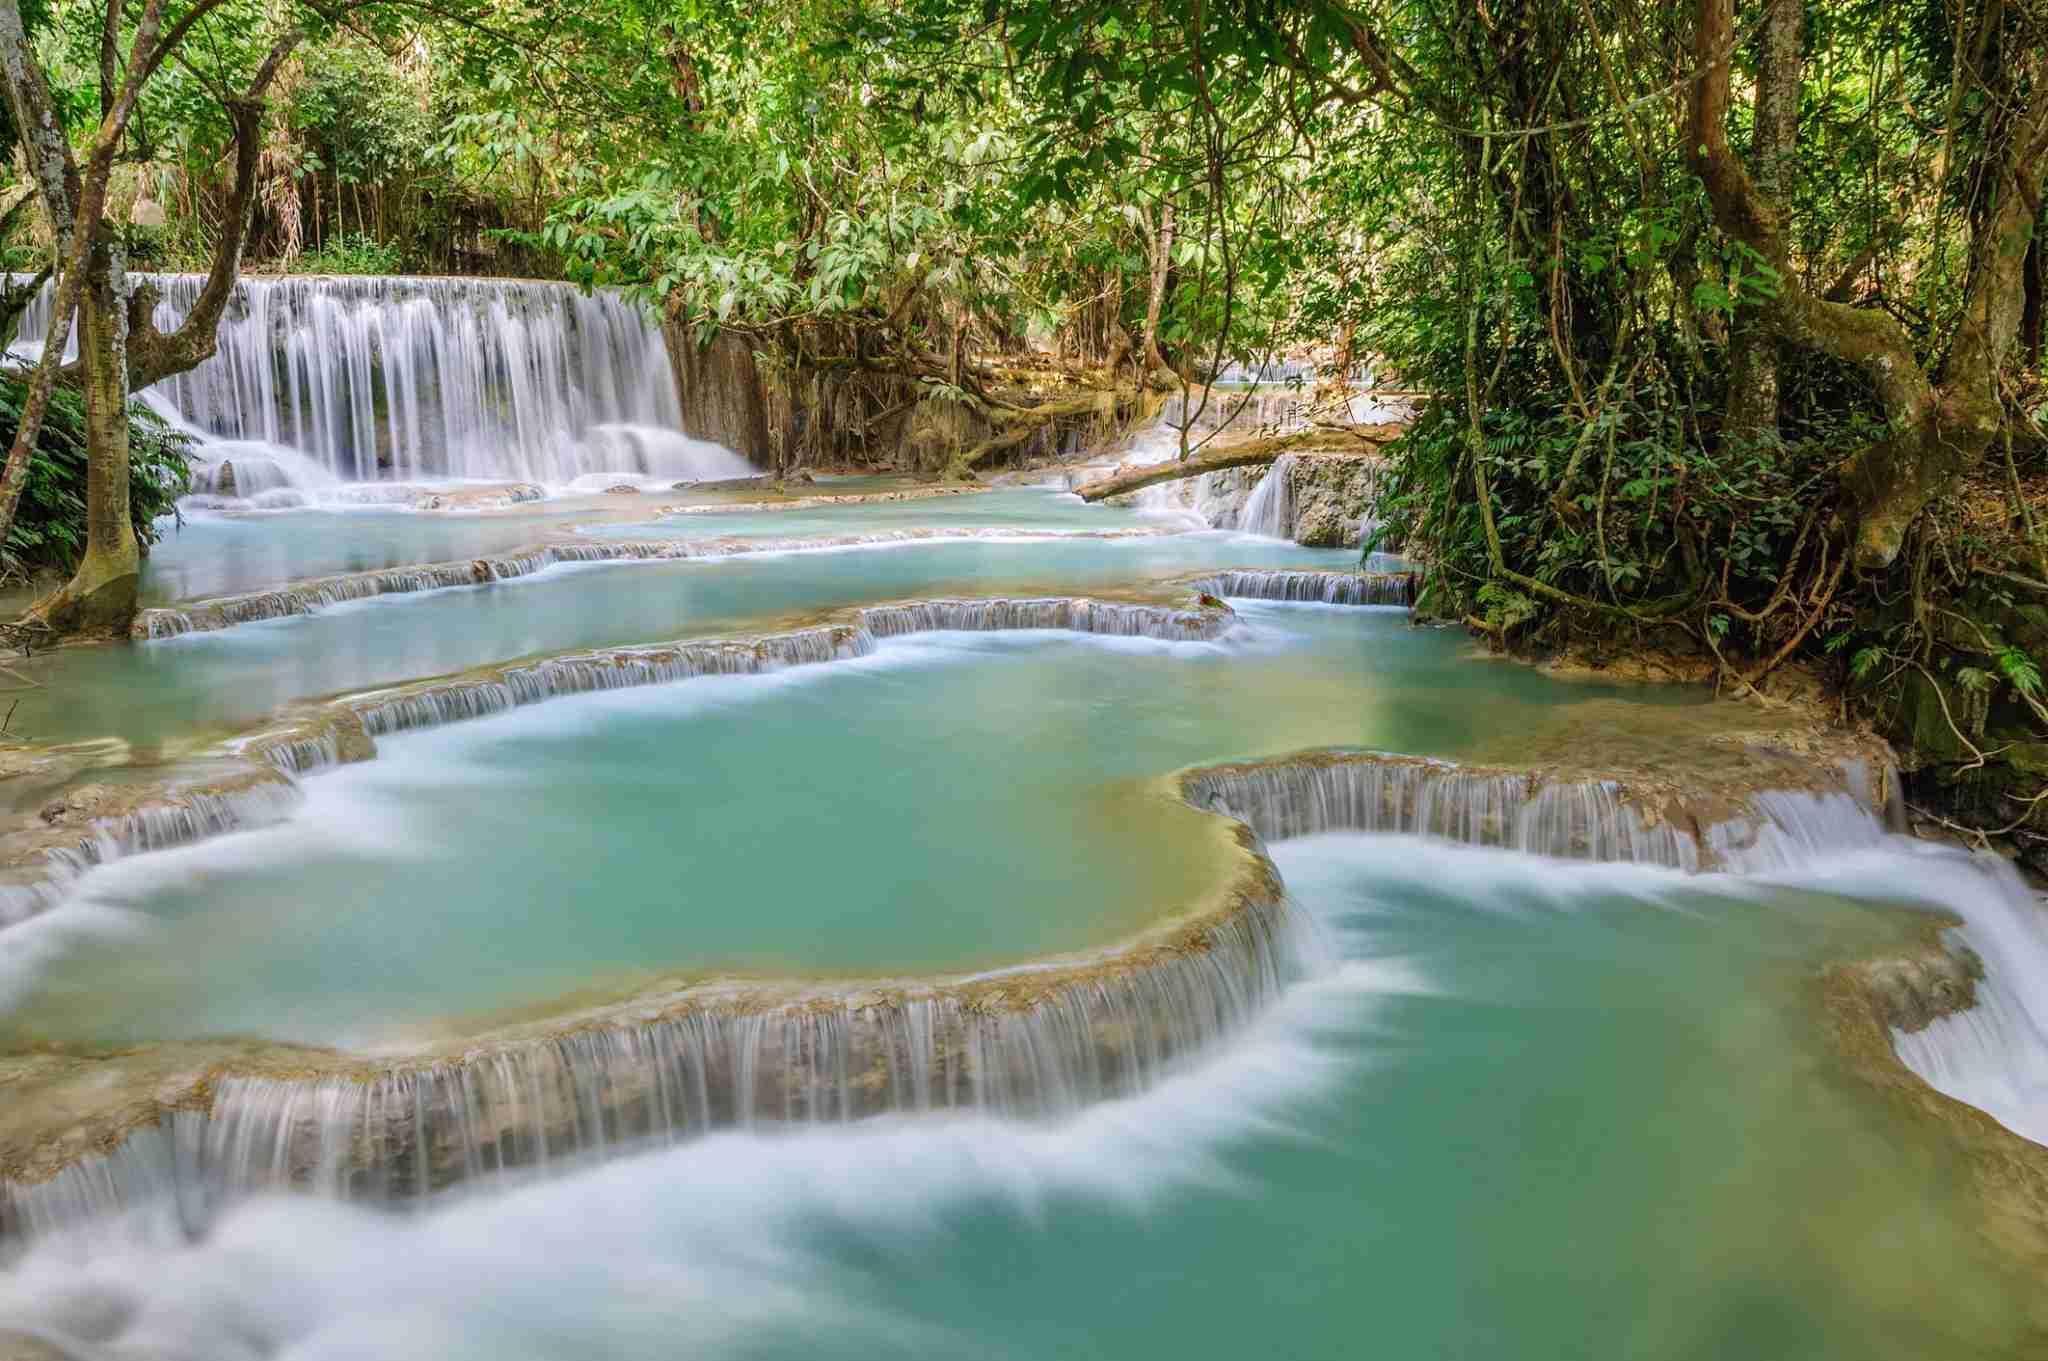 The Kuang Si Falls near Luang Prabang, Laos. Photo by GorazdBertalanic/Getty